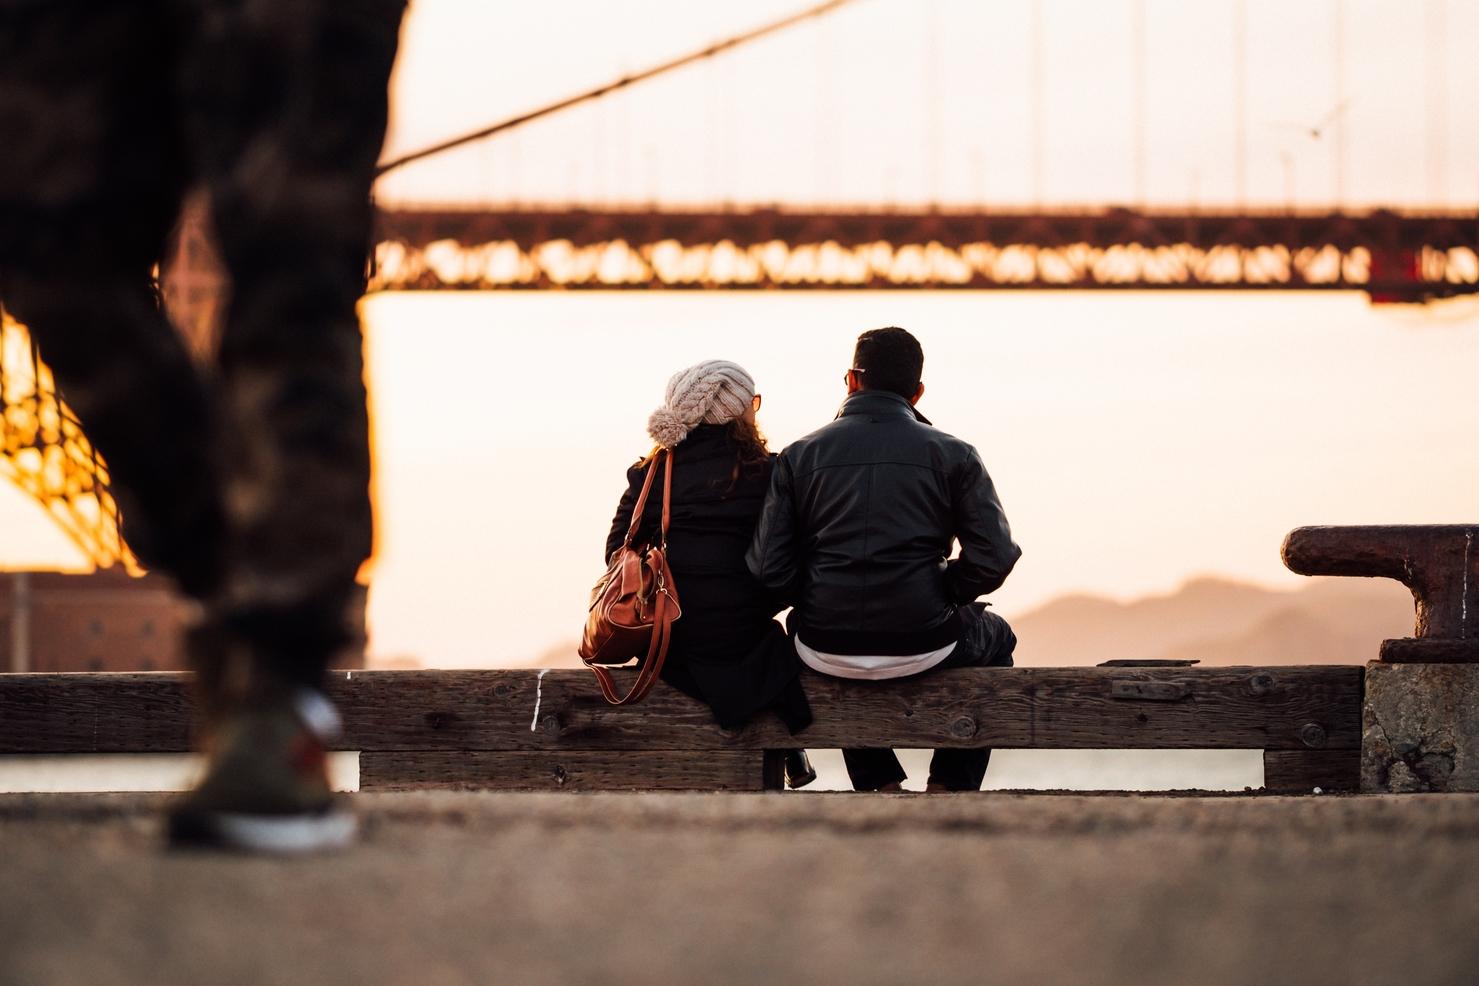 hẹn hò dưới chân cầu